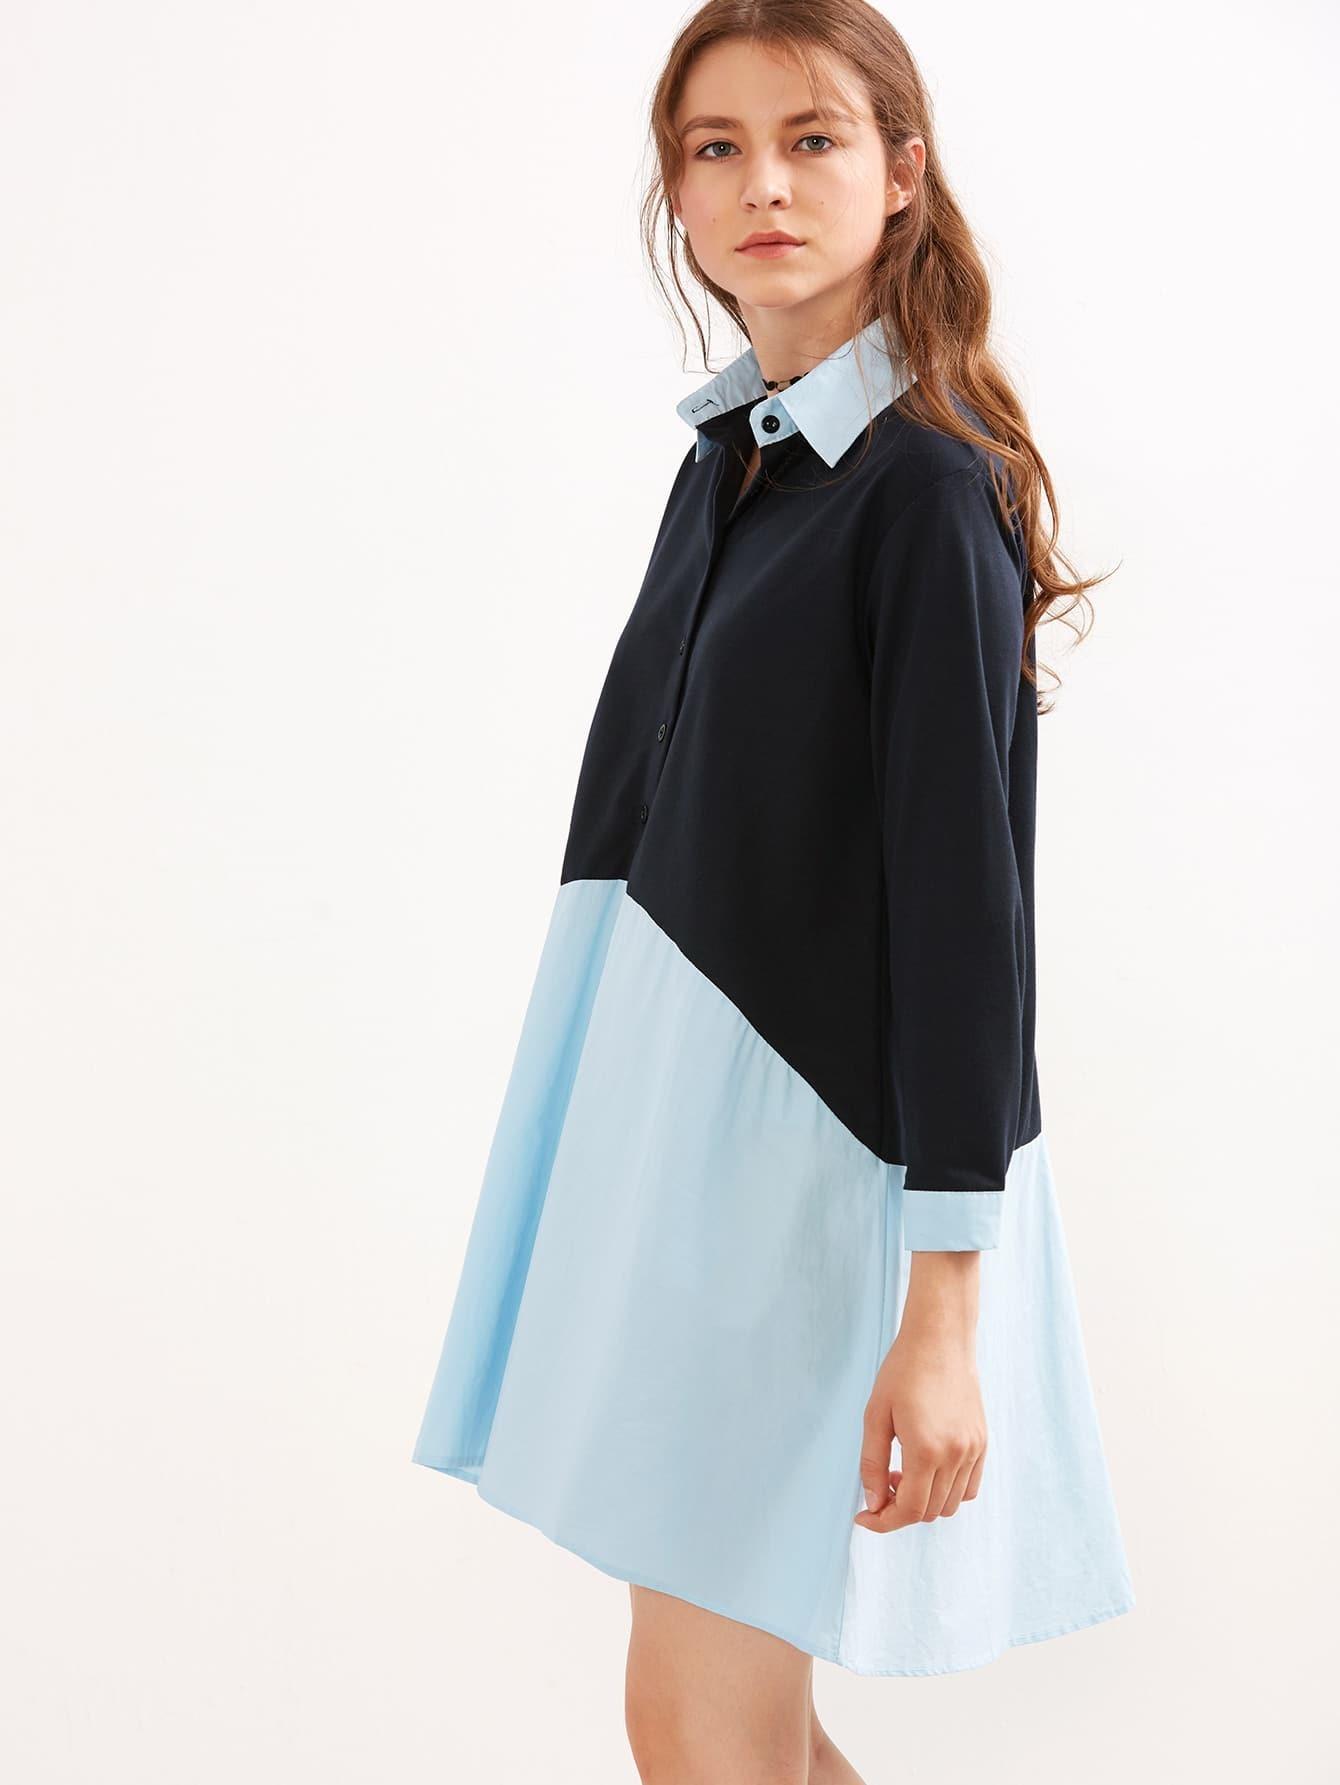 dress160826105_2